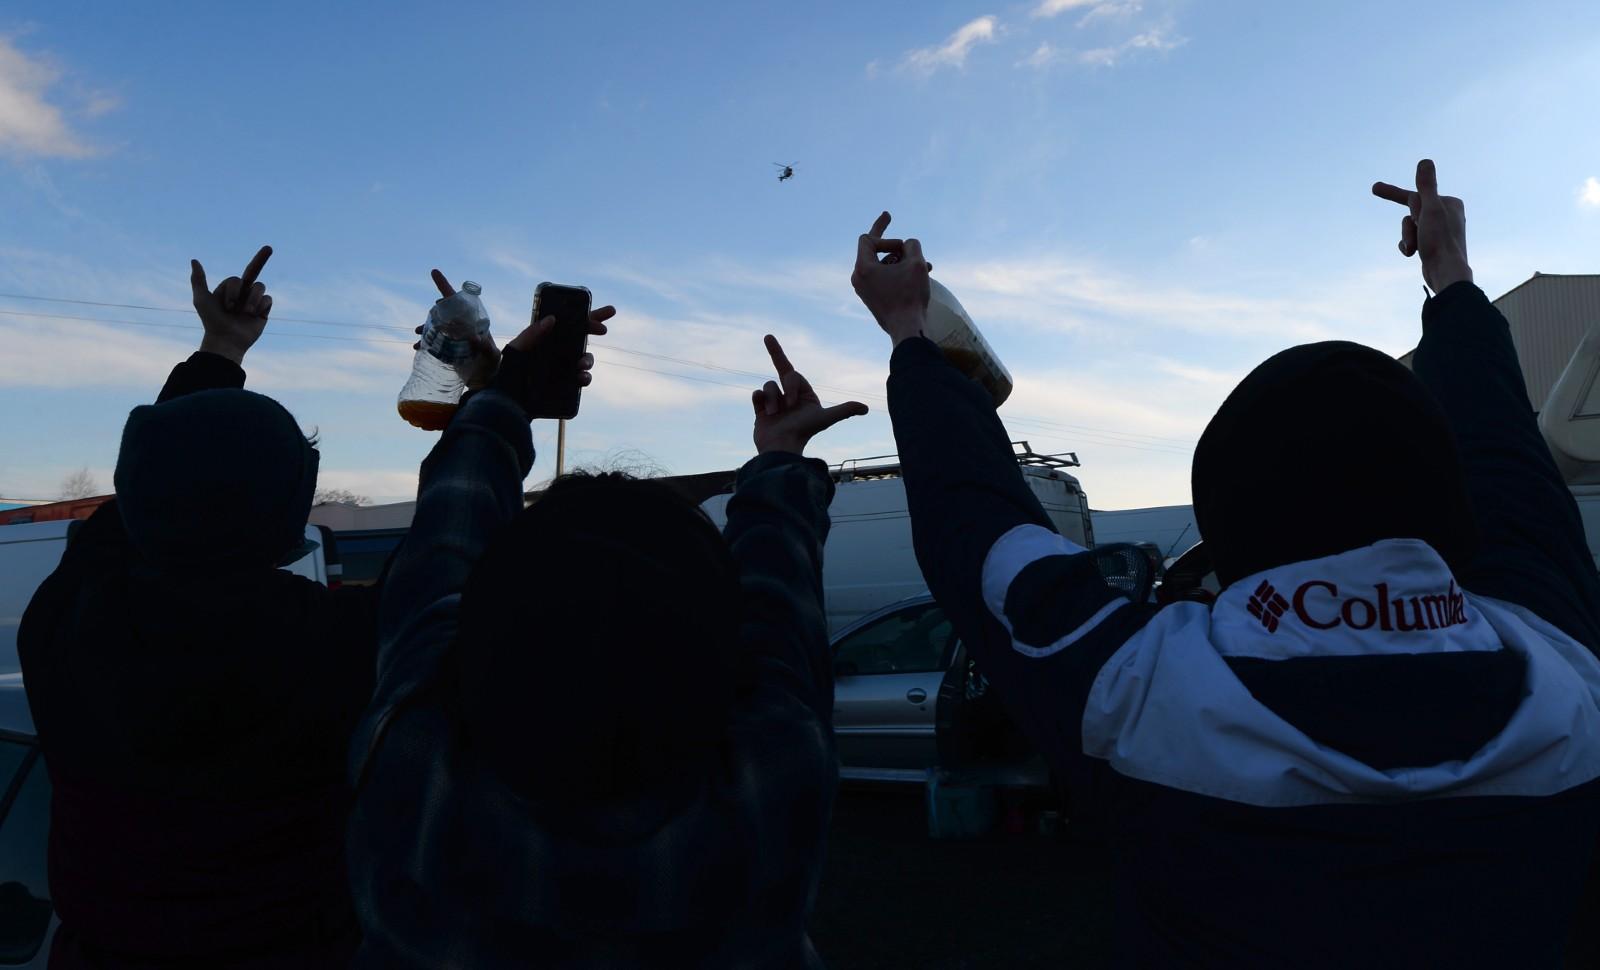 Le 1er janvier 2021, à Lieuron (Ille-et-Vilaine), à environ 40km de Rennes, des jeunes participant à une rave party adressent des doigts d'honneur aux gendarmes © JEAN-FRANCOIS MONIER / AFP.